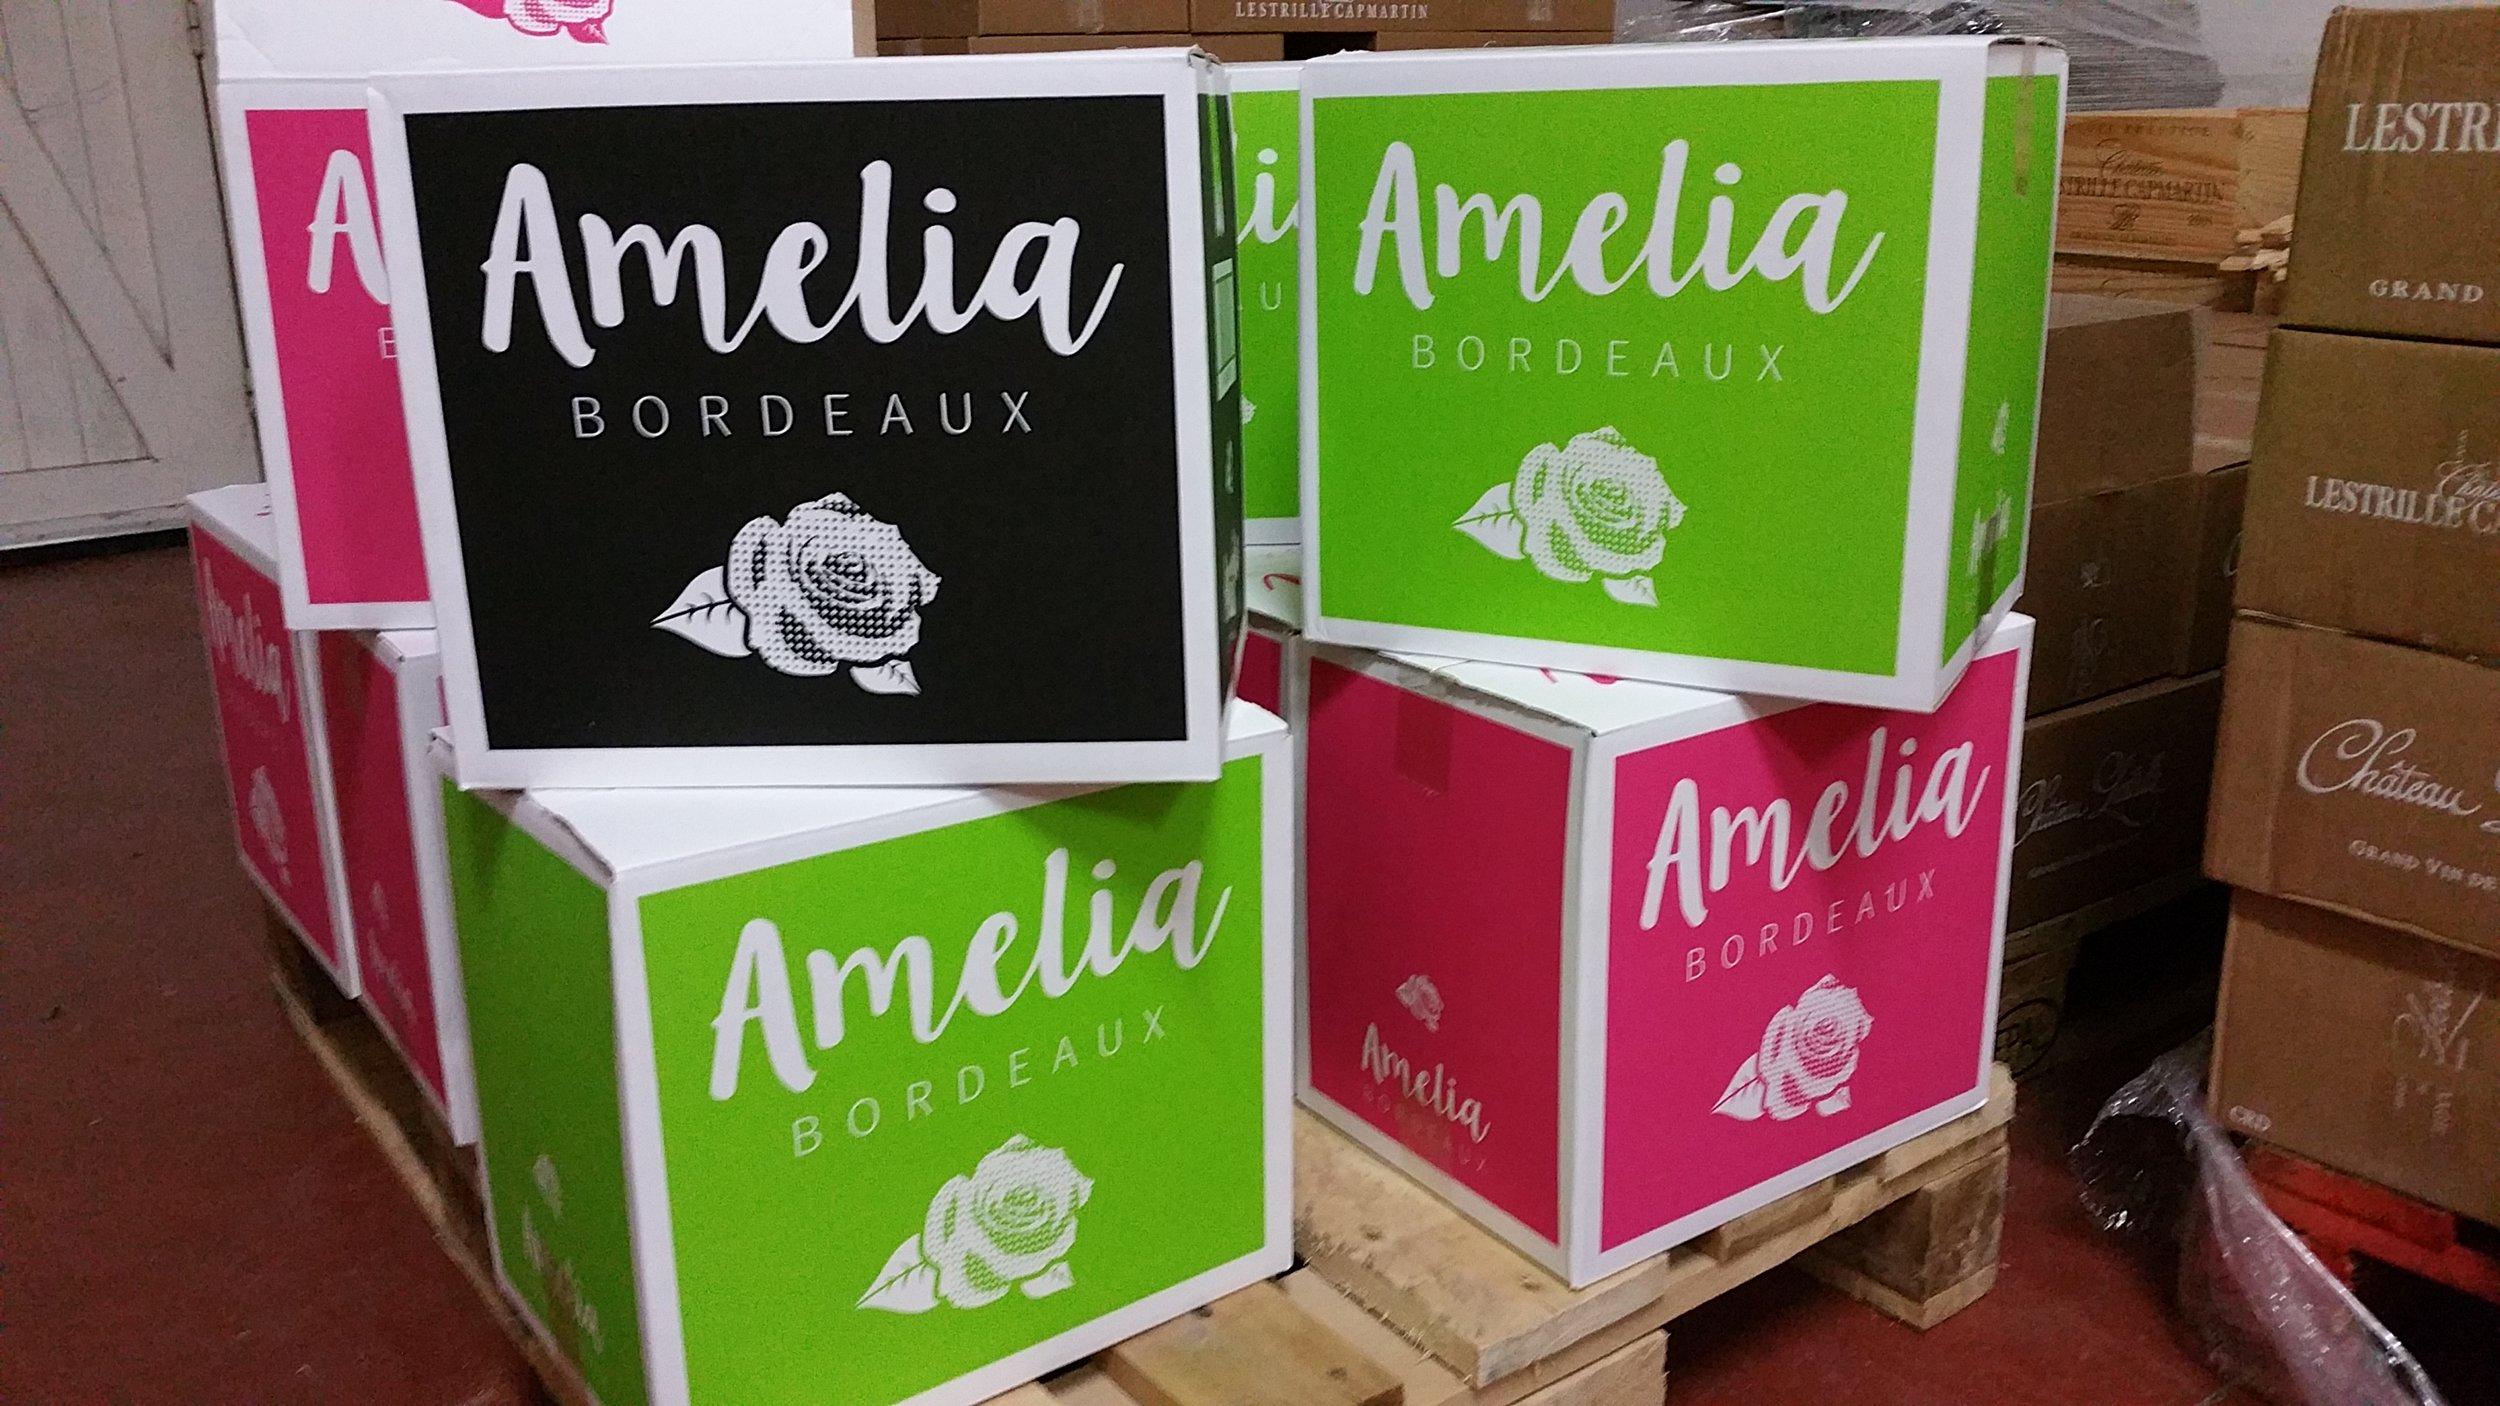 Amelia Bordeaux